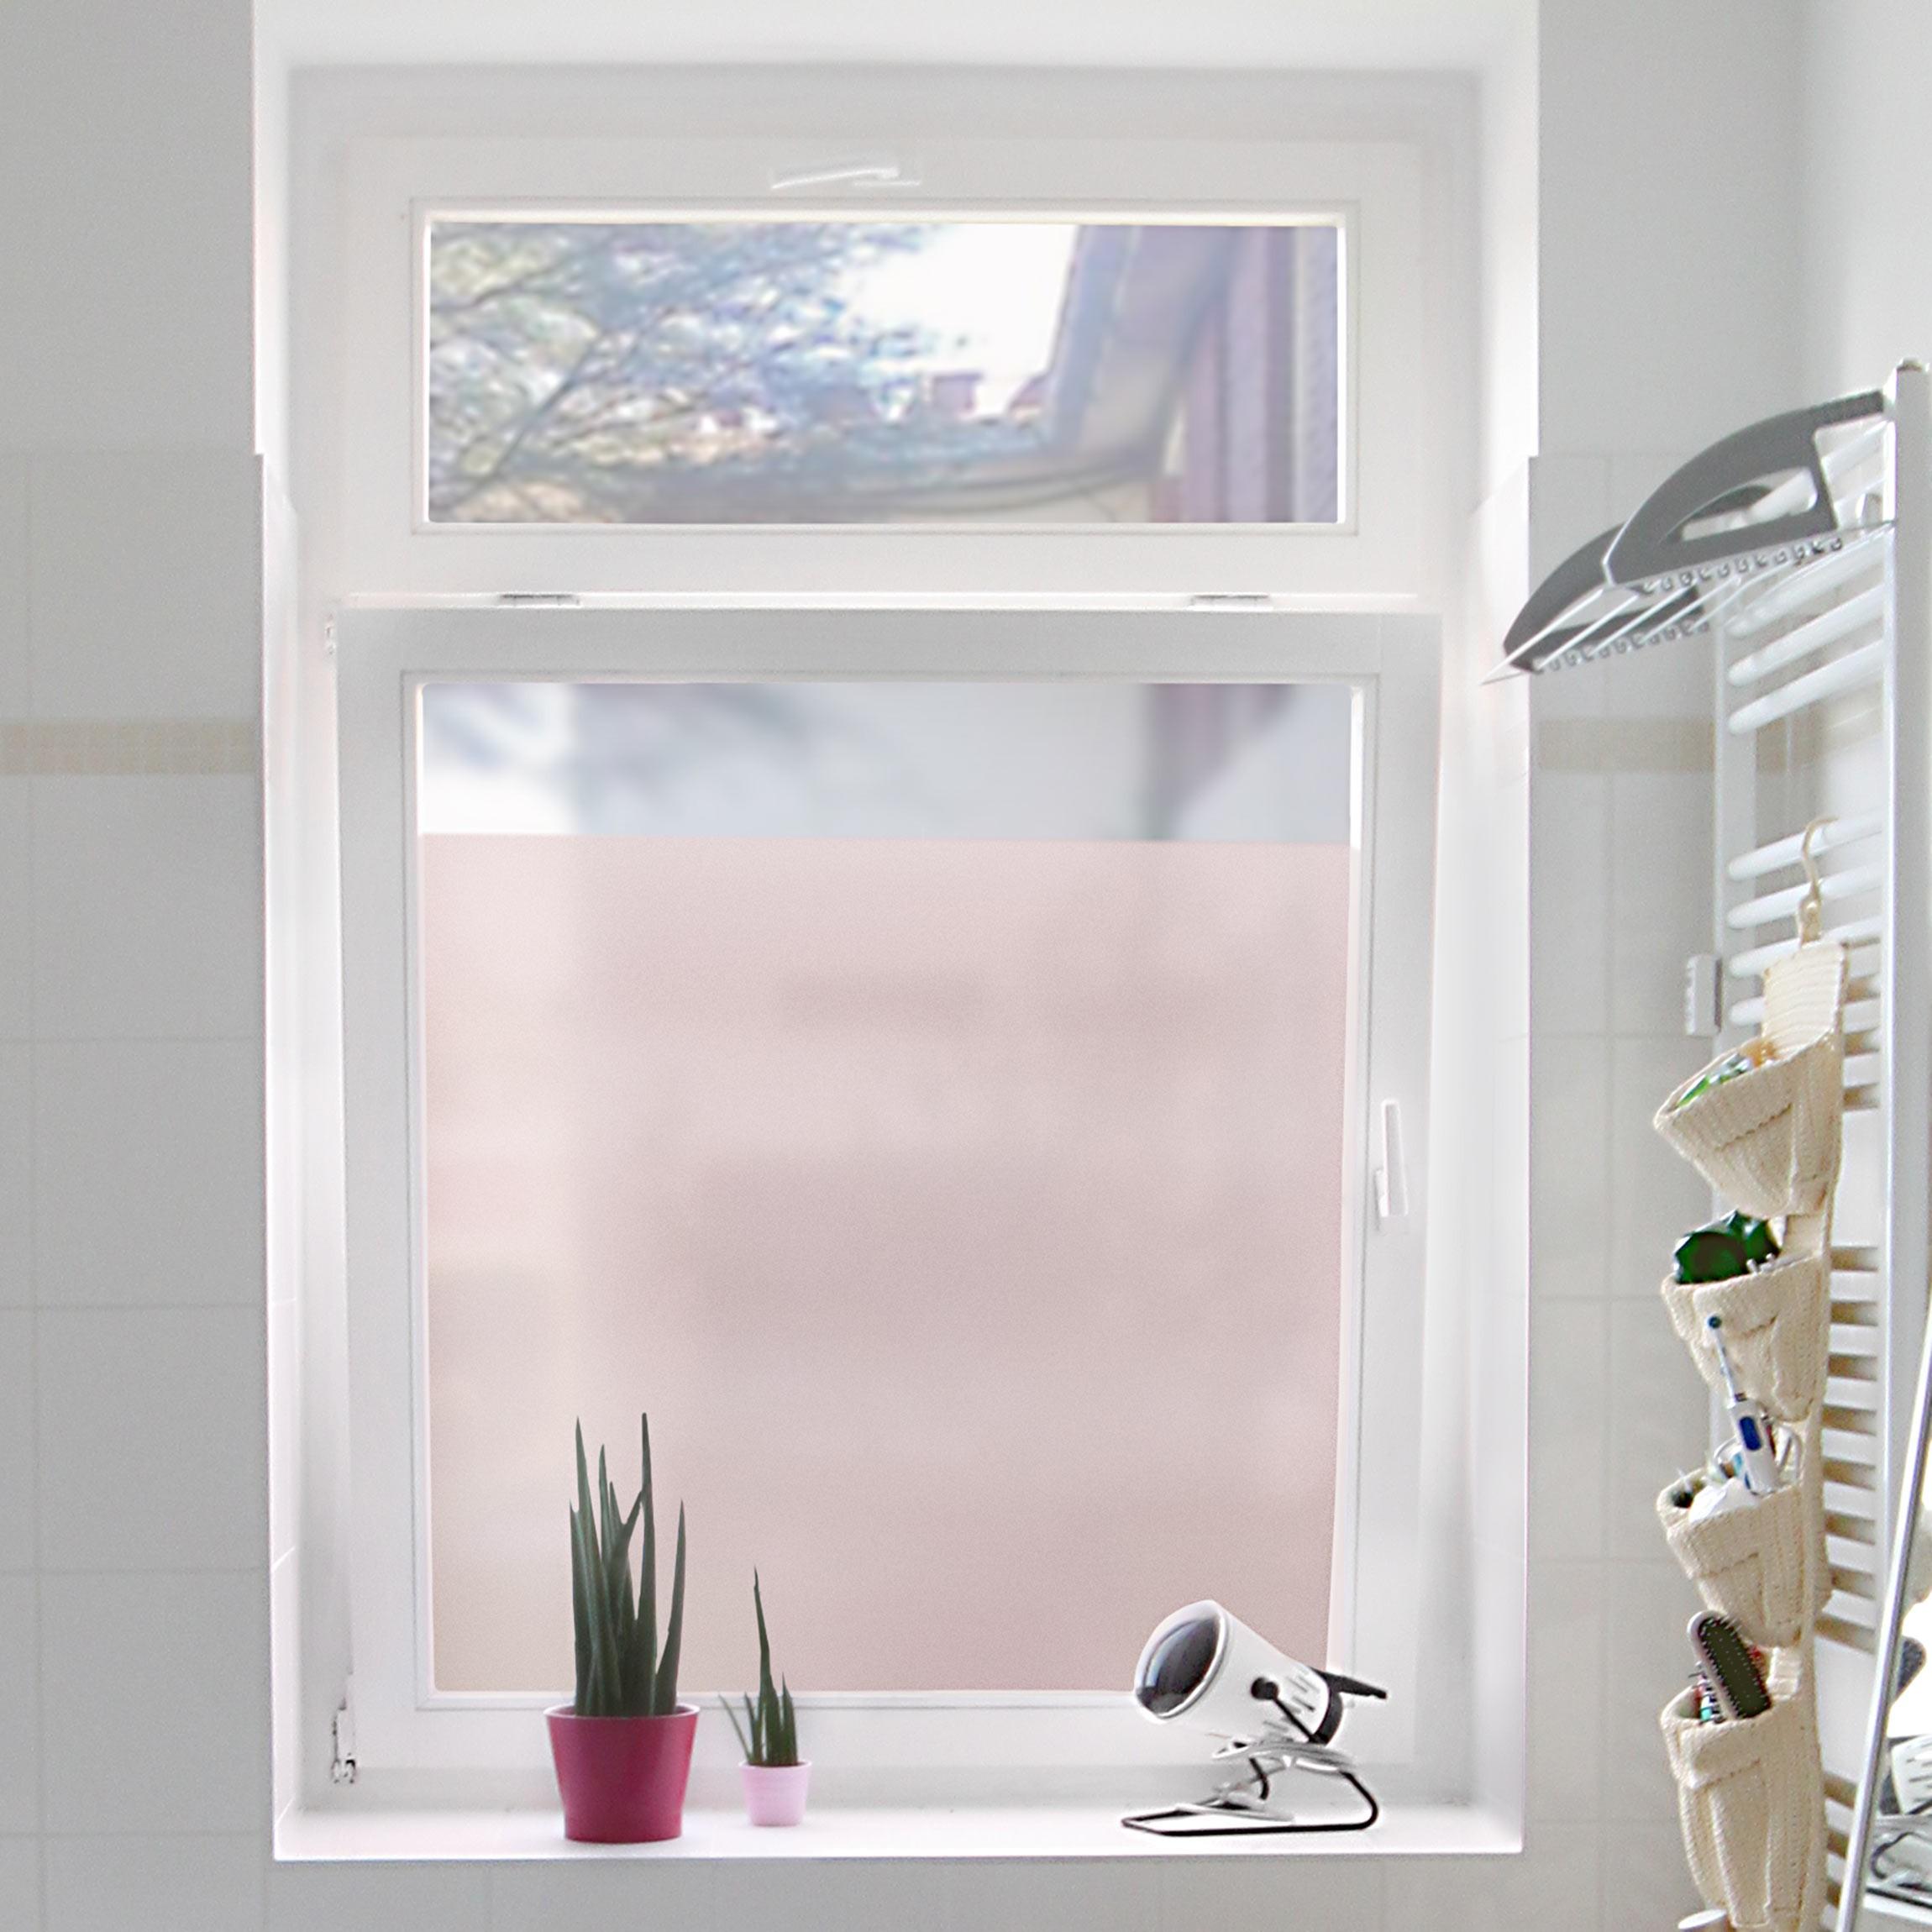 Full Size of Sichtschutzfolie Fr Fenster Selbstklebender Blickschutz In Rosa Tapeten Für Die Küche Kunststoff Fototapete Konfigurieren Einseitig Durchsichtig Welten Fenster Sichtschutzfolie Für Fenster